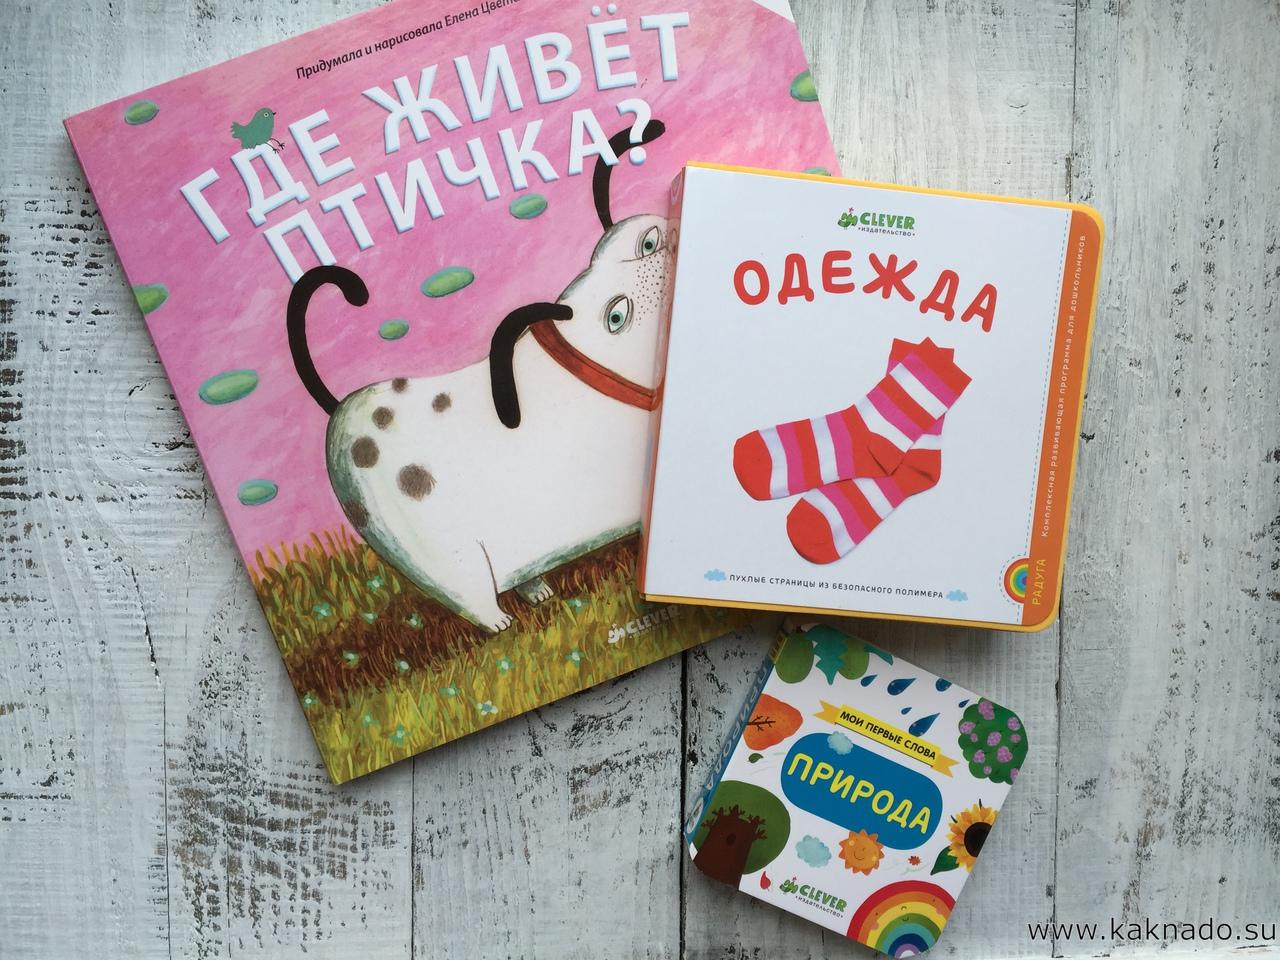 Книги издательства Clever1